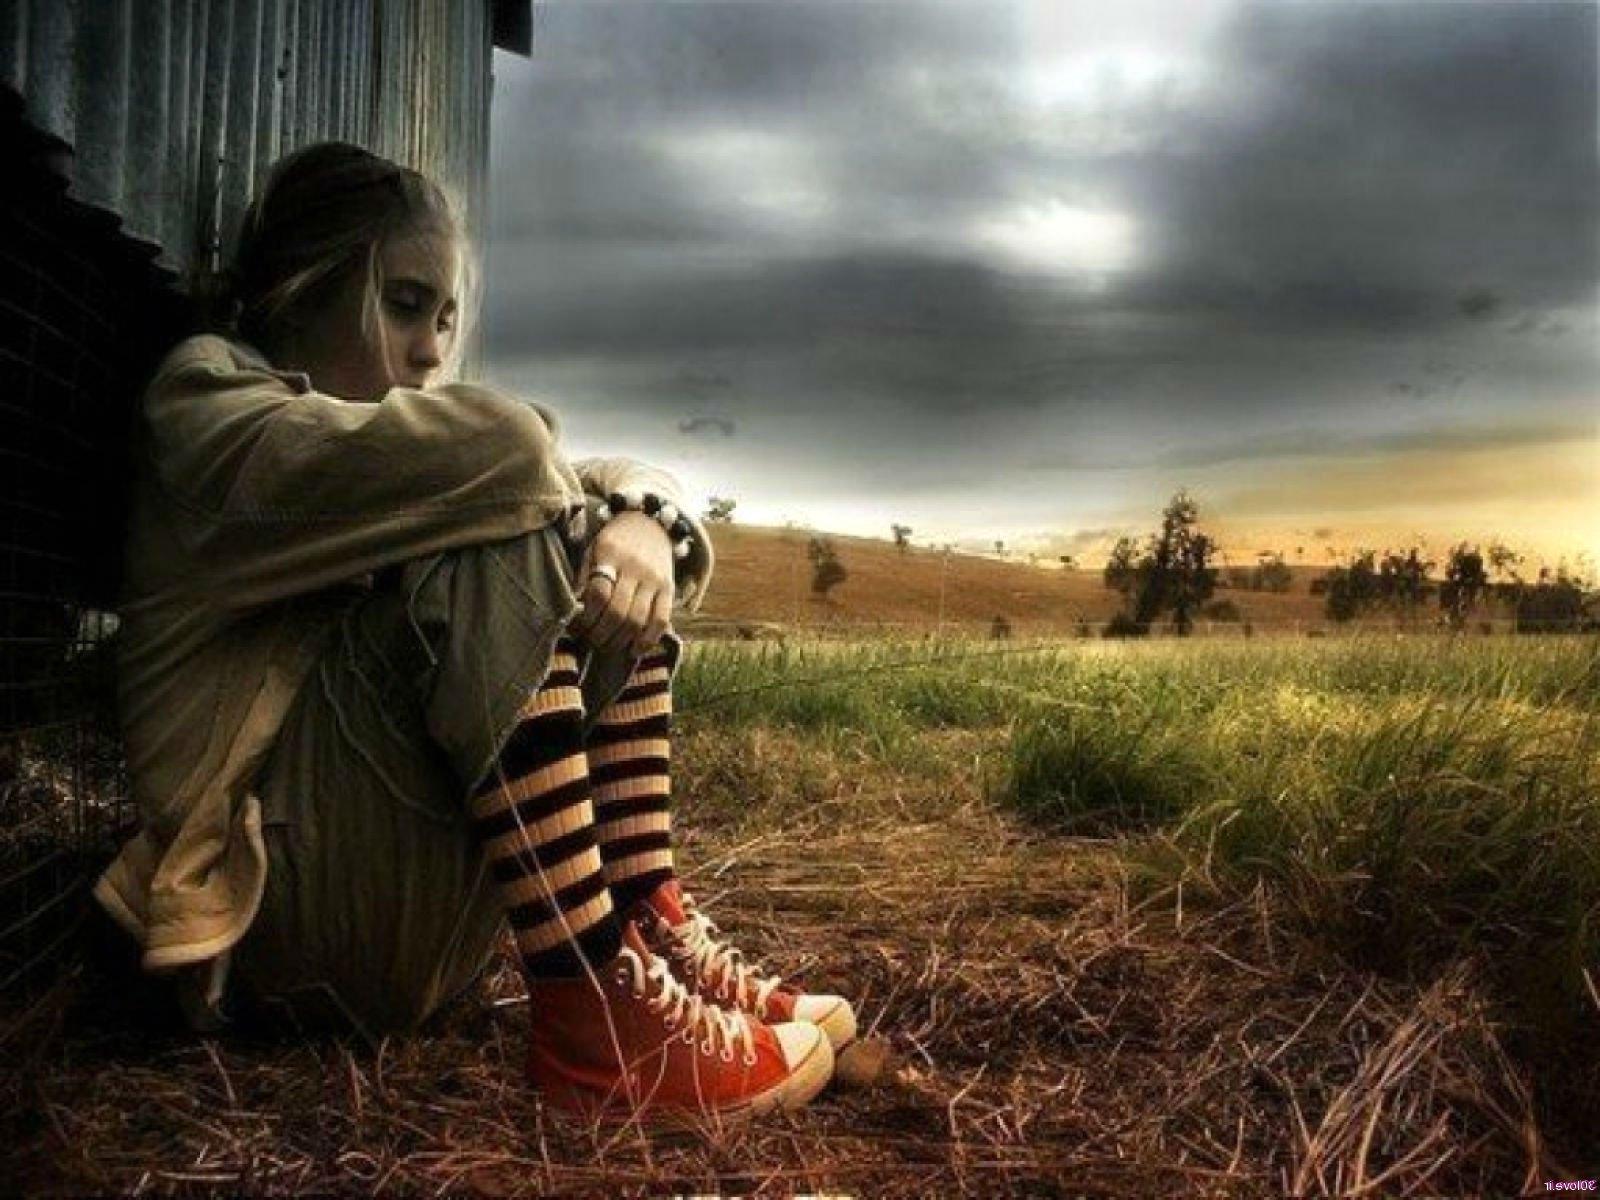 Depression sad mood sorrow dark people love wallpaper 1600x1200 1600x1200